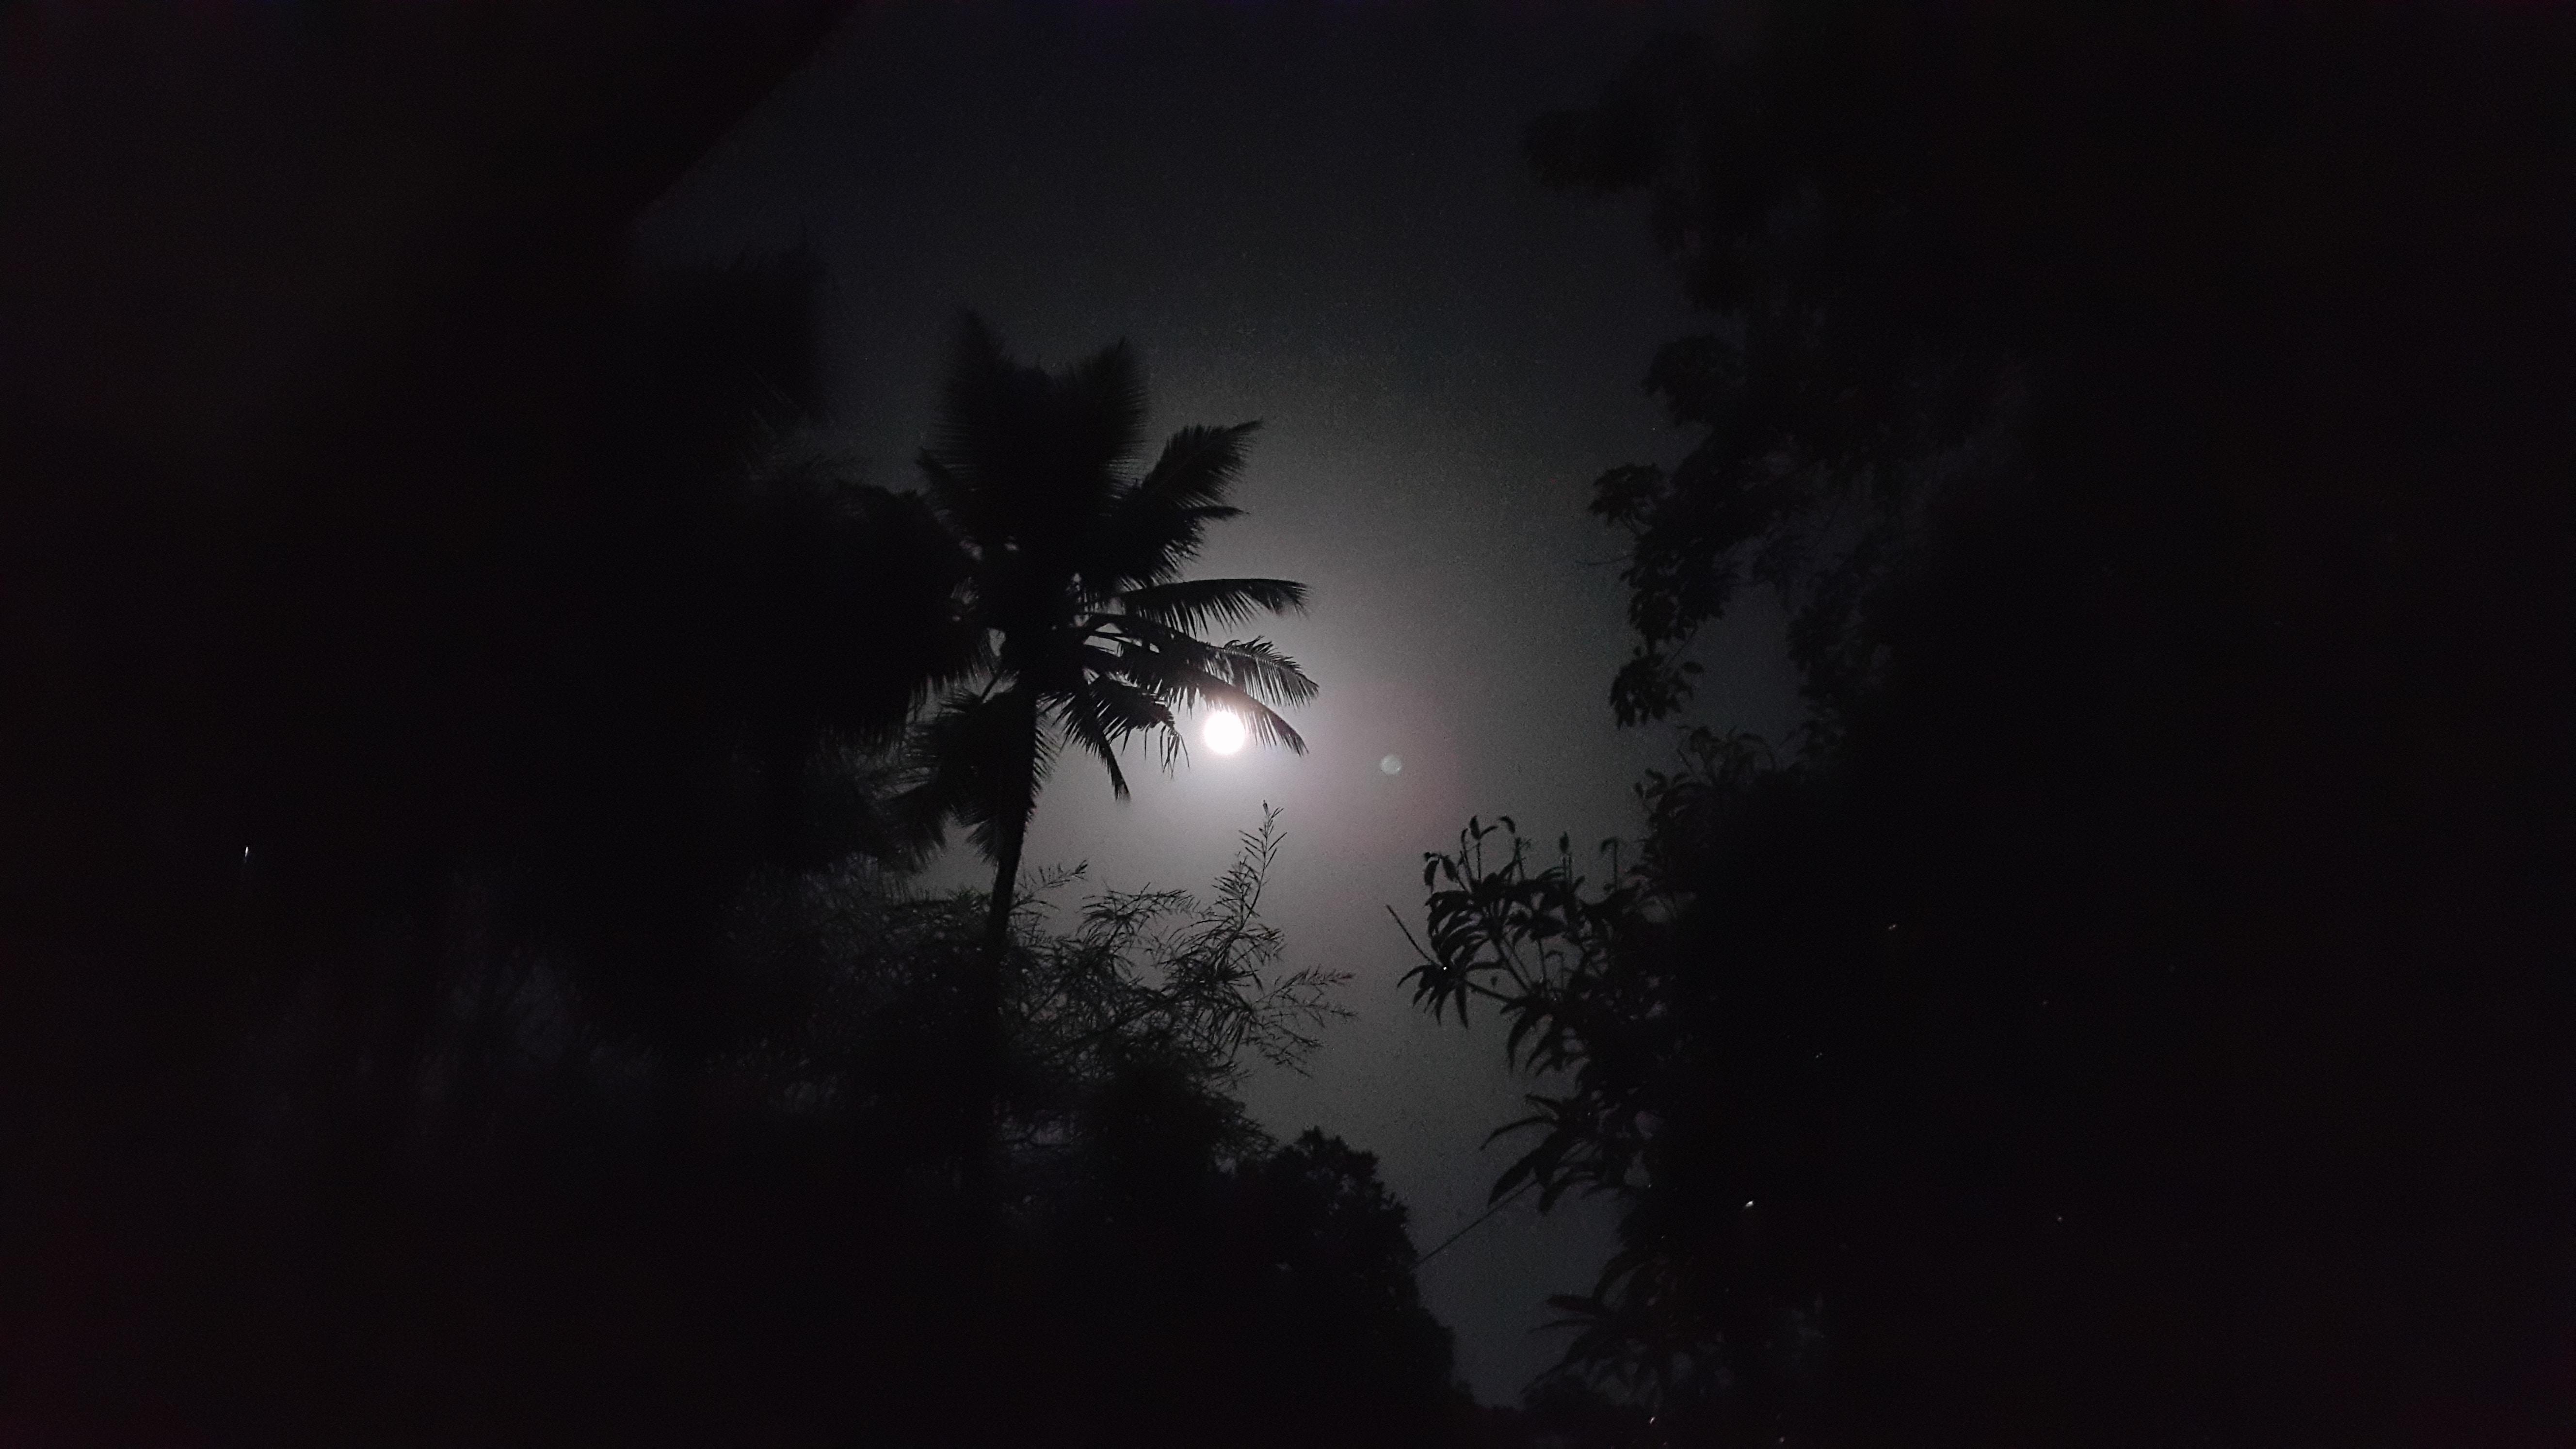 Free Unsplash photo from Sruthi  Annie